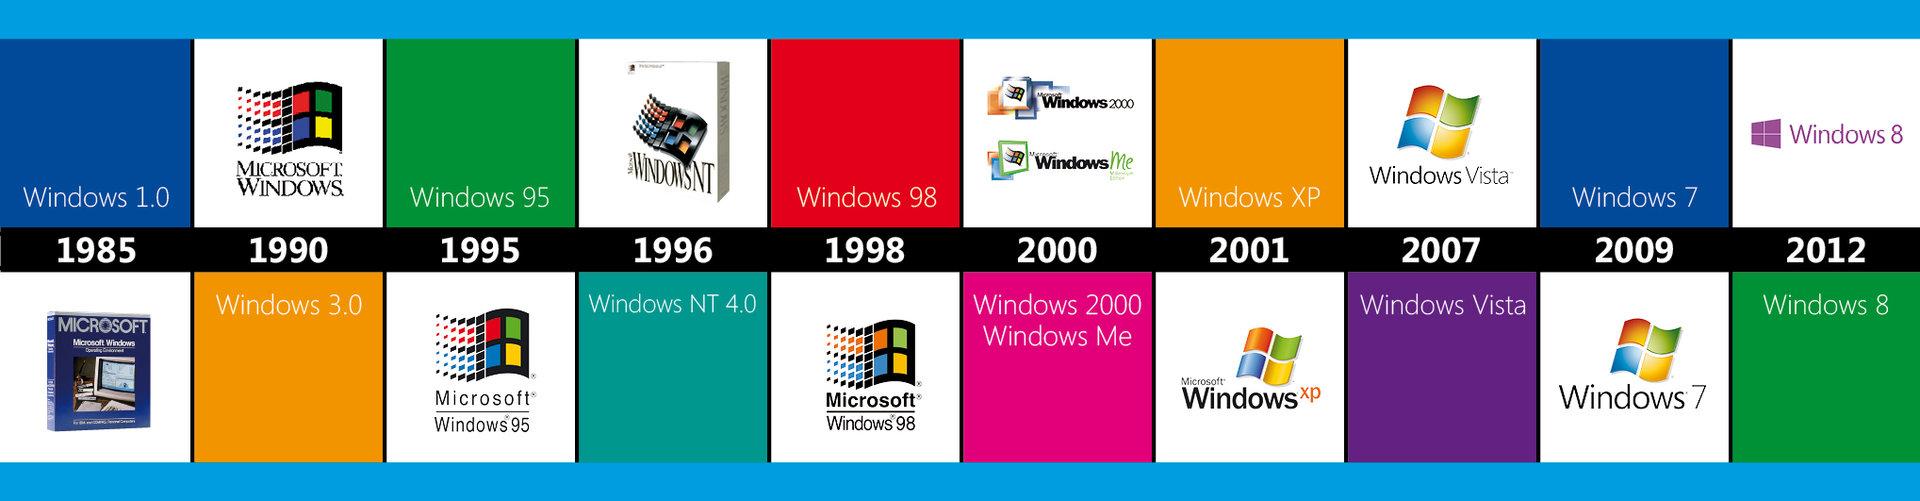 Von Windows 1 bis Windows 8